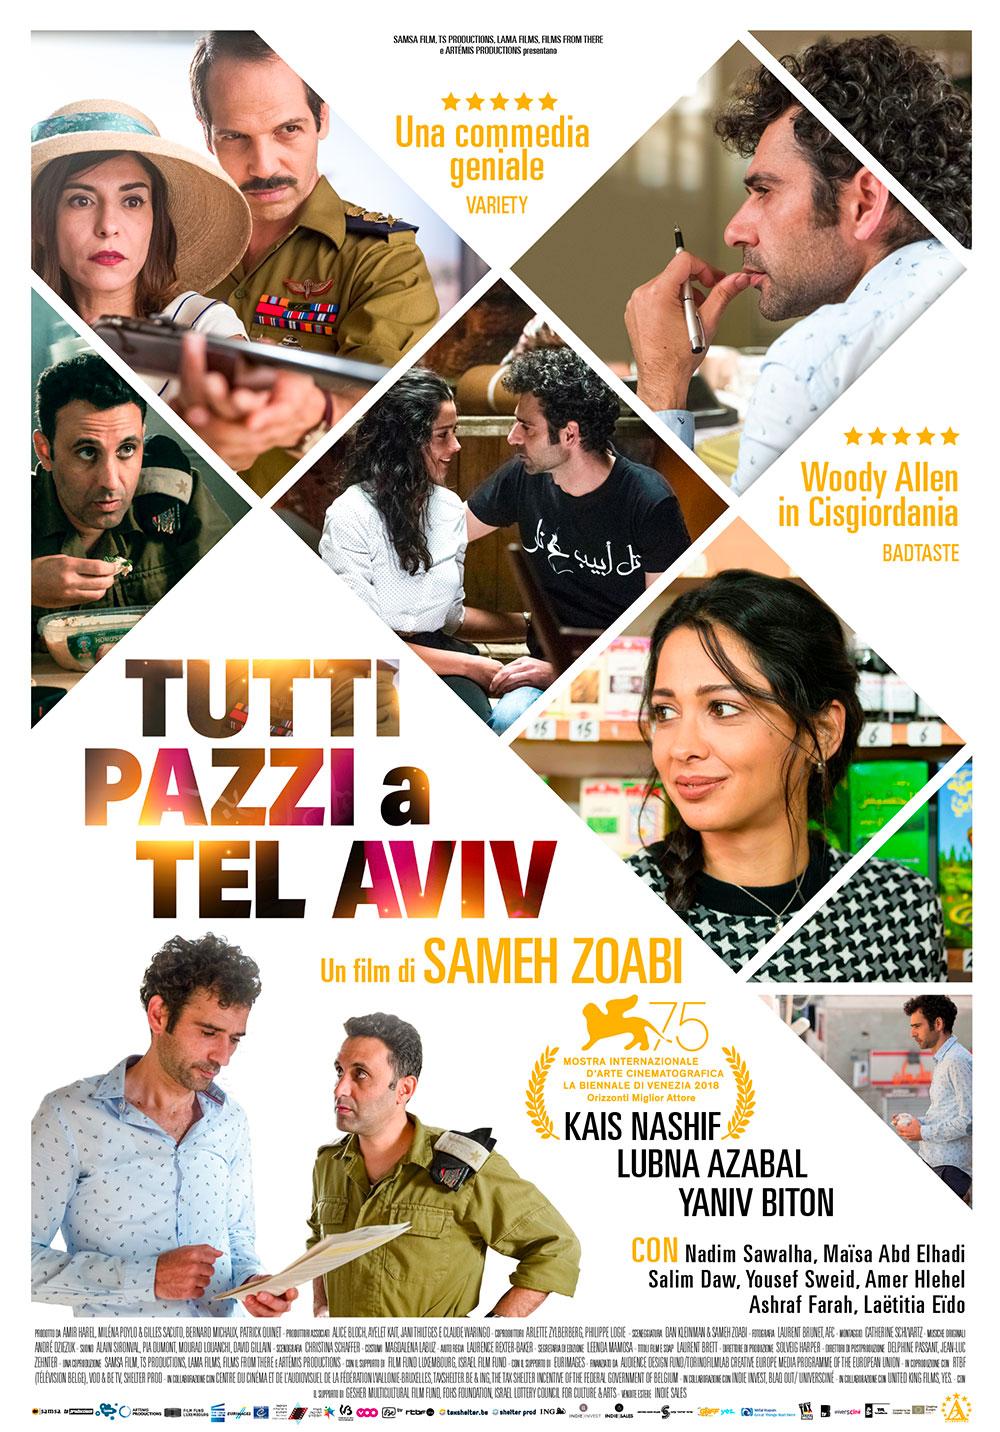 In foto Kais Nashif Dall'articolo: Tutti pazzi a Tel Aviv, il poster italiano del film.